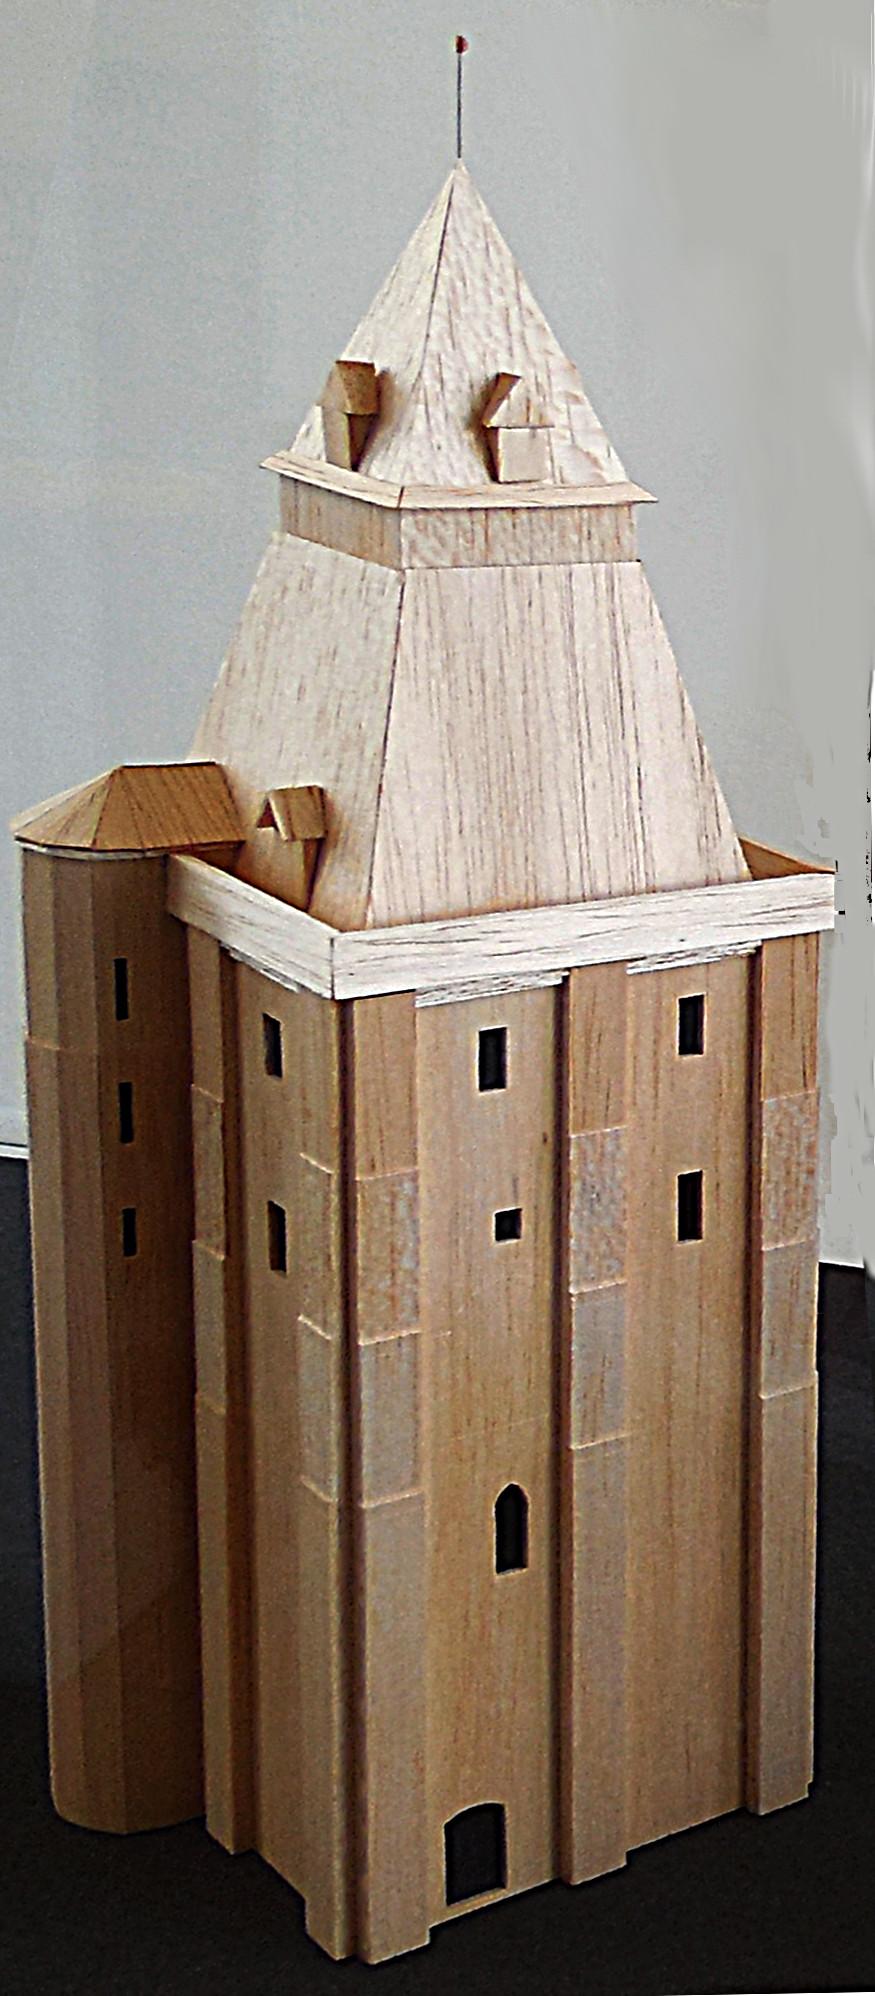 Maquette du beffroi, François et Flore Vasselle, c. 1980